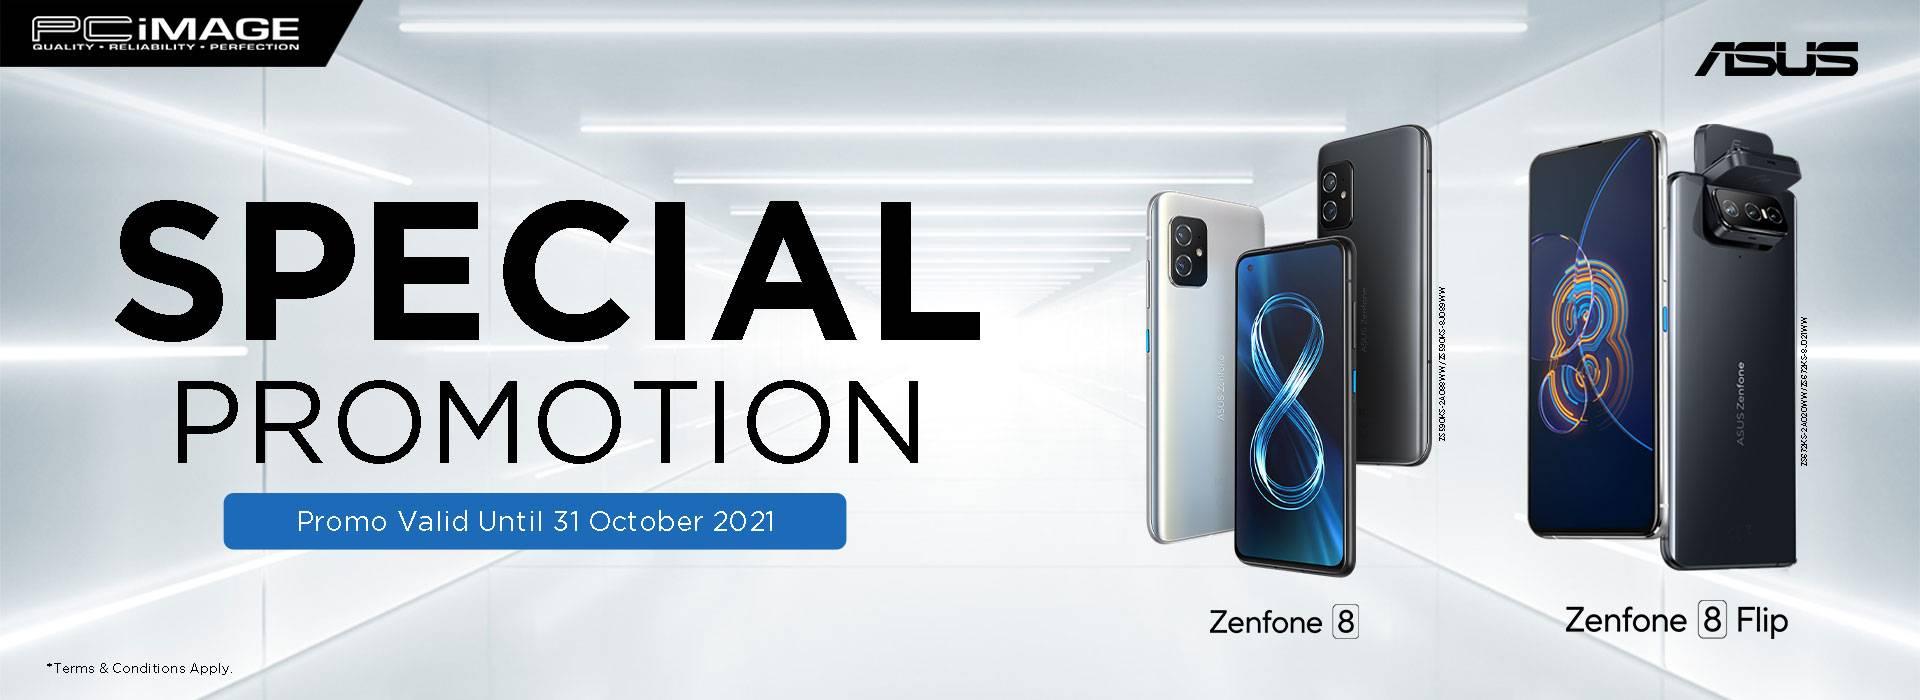 Asus Zenfone 31 Oct